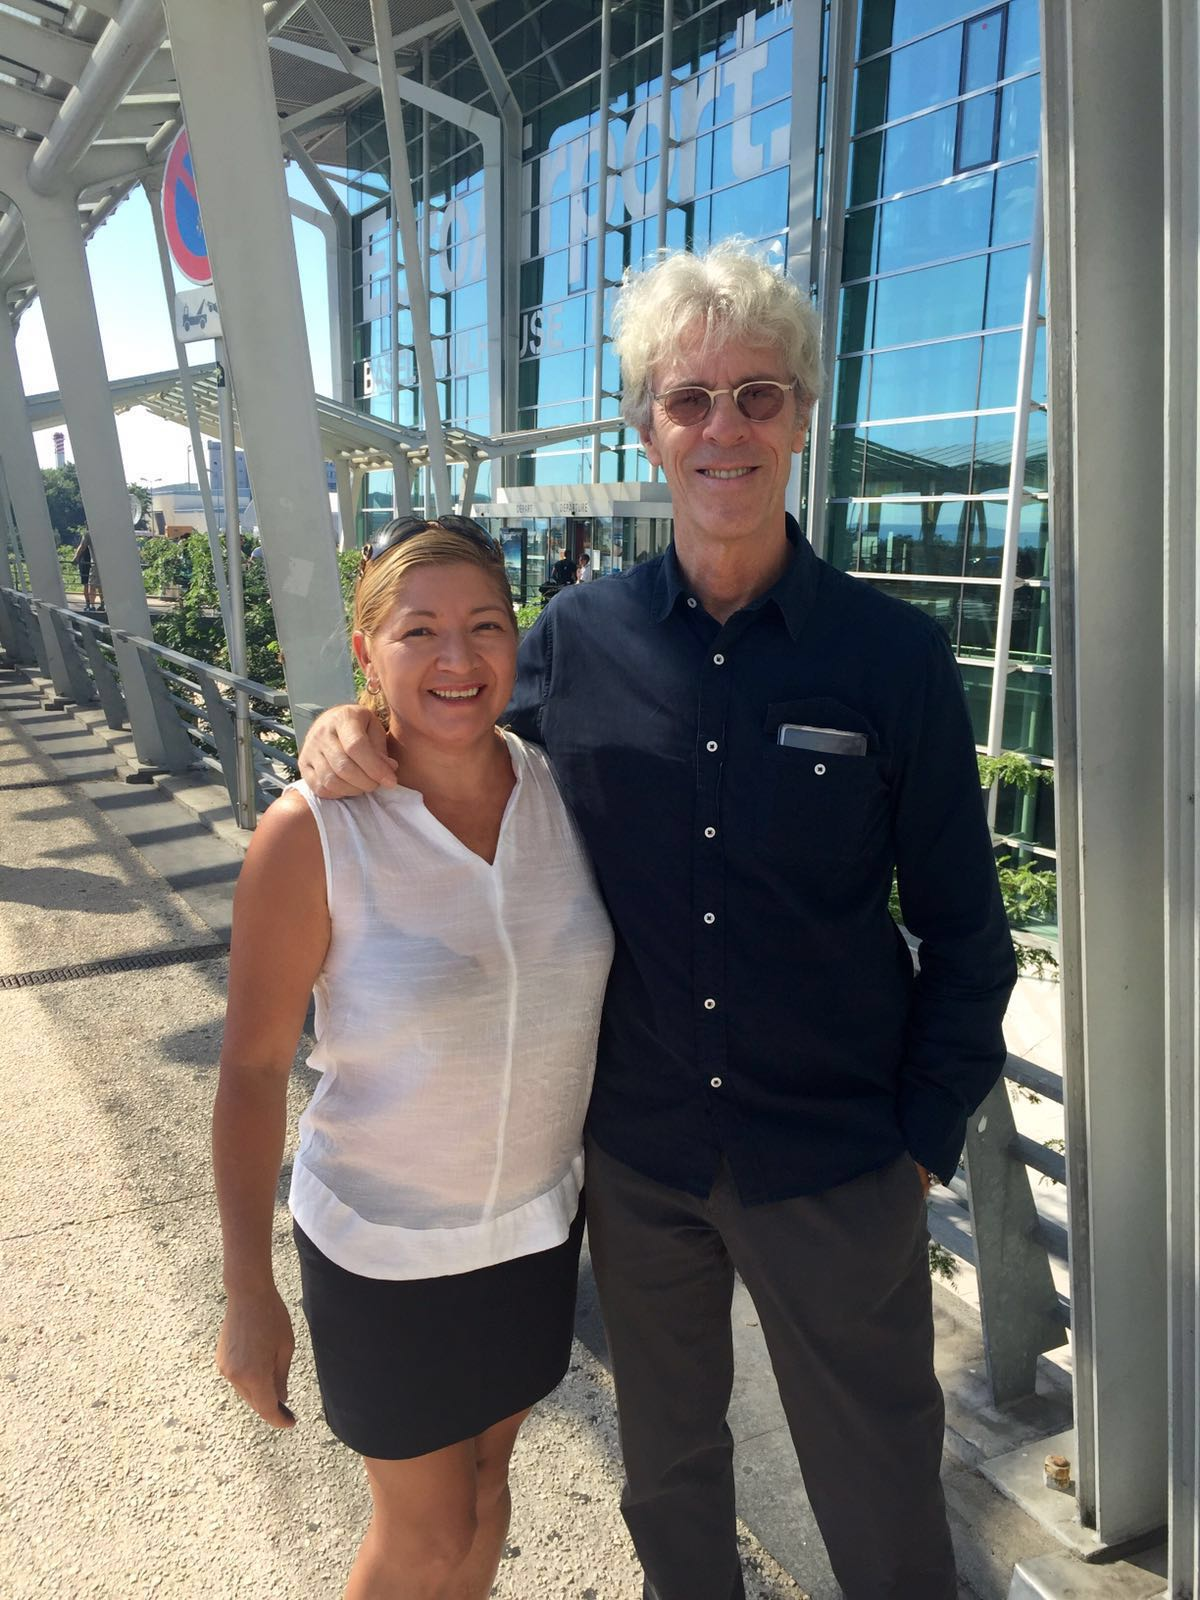 Servicio de Limusina Suizo Maria Castillo con el baterista Stewart Copeland de la antigua banda mundial The Police en el aeropuerto de Basilea EuroAirport.